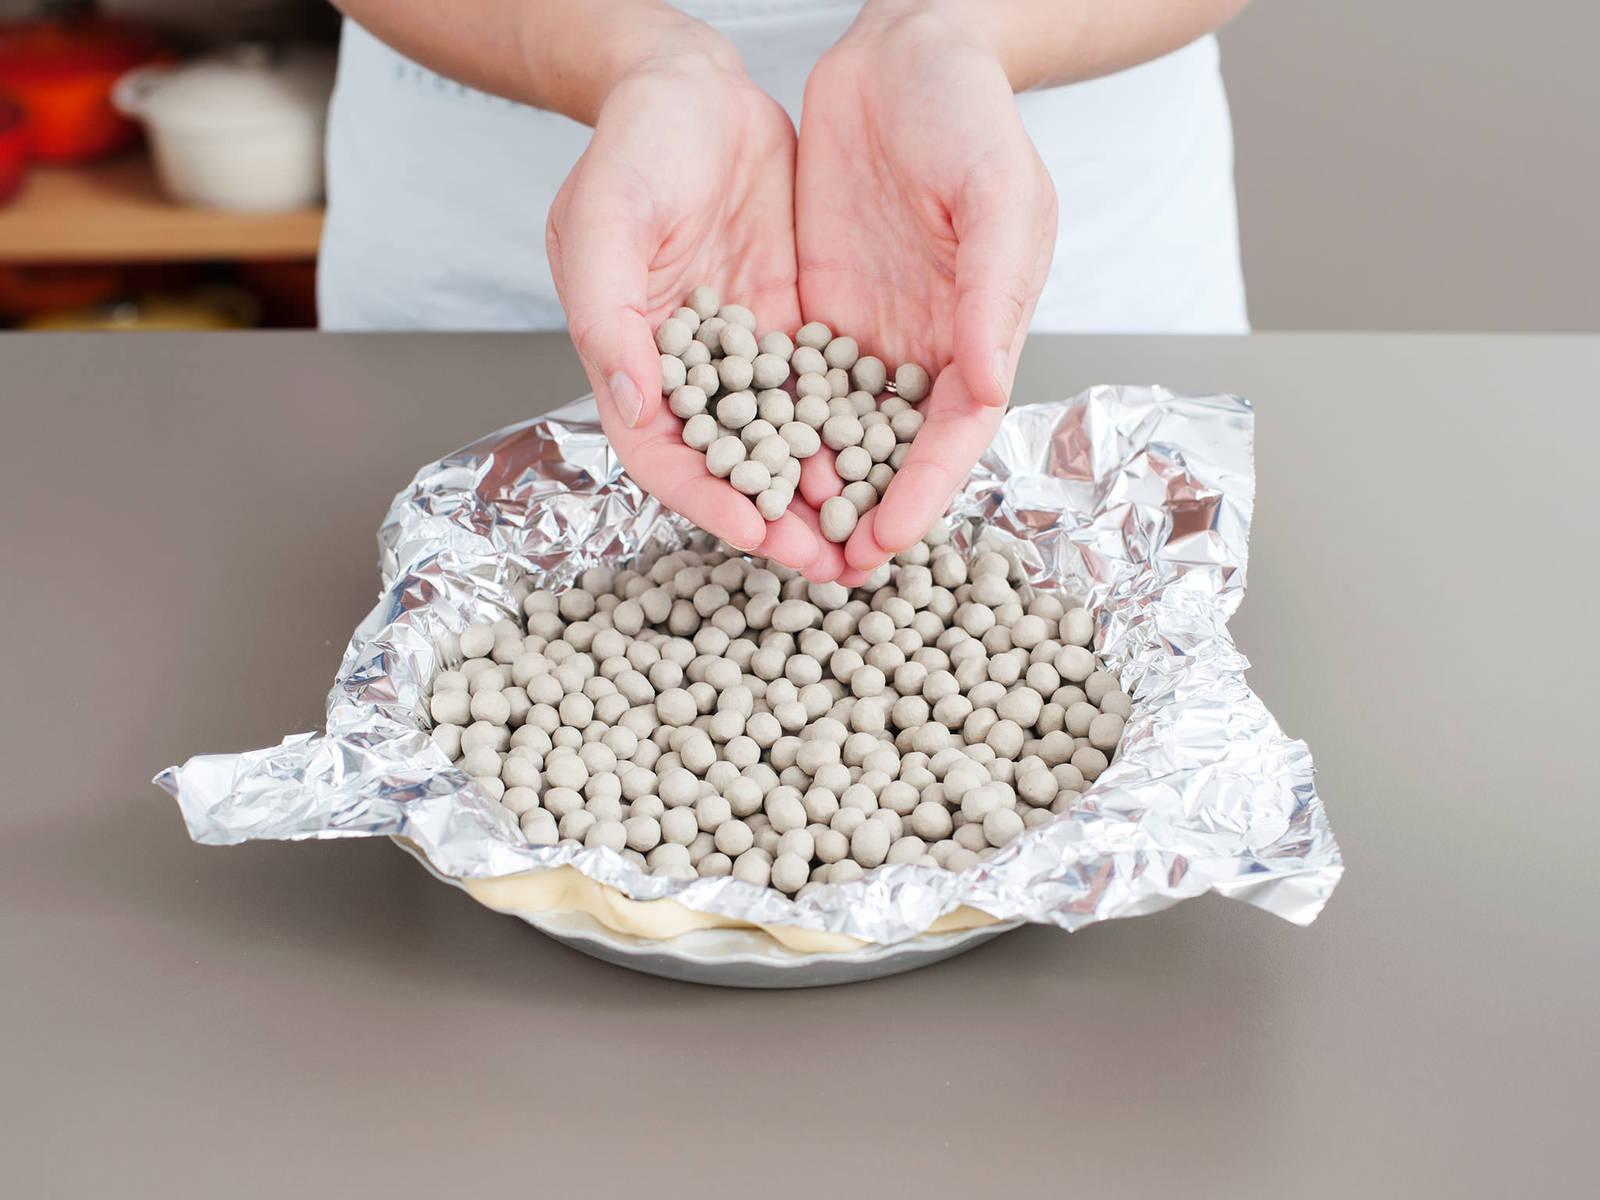 在撒好面粉的工作台上,将派皮擀成一个直径约30厘米的大圆。放到派盘中,剪去多余部分,并将边缘卷起,做出褶皱。将烤箱预热至200℃。用叉子在派皮上插孔,然后放到冰箱中冷藏15分钟。用铝箔盖住派皮,然后放进重石。烘烤20分钟,然后取出重石,然后继续烘烤至派皮开始变成金棕色,约需5分钟。静置放凉。